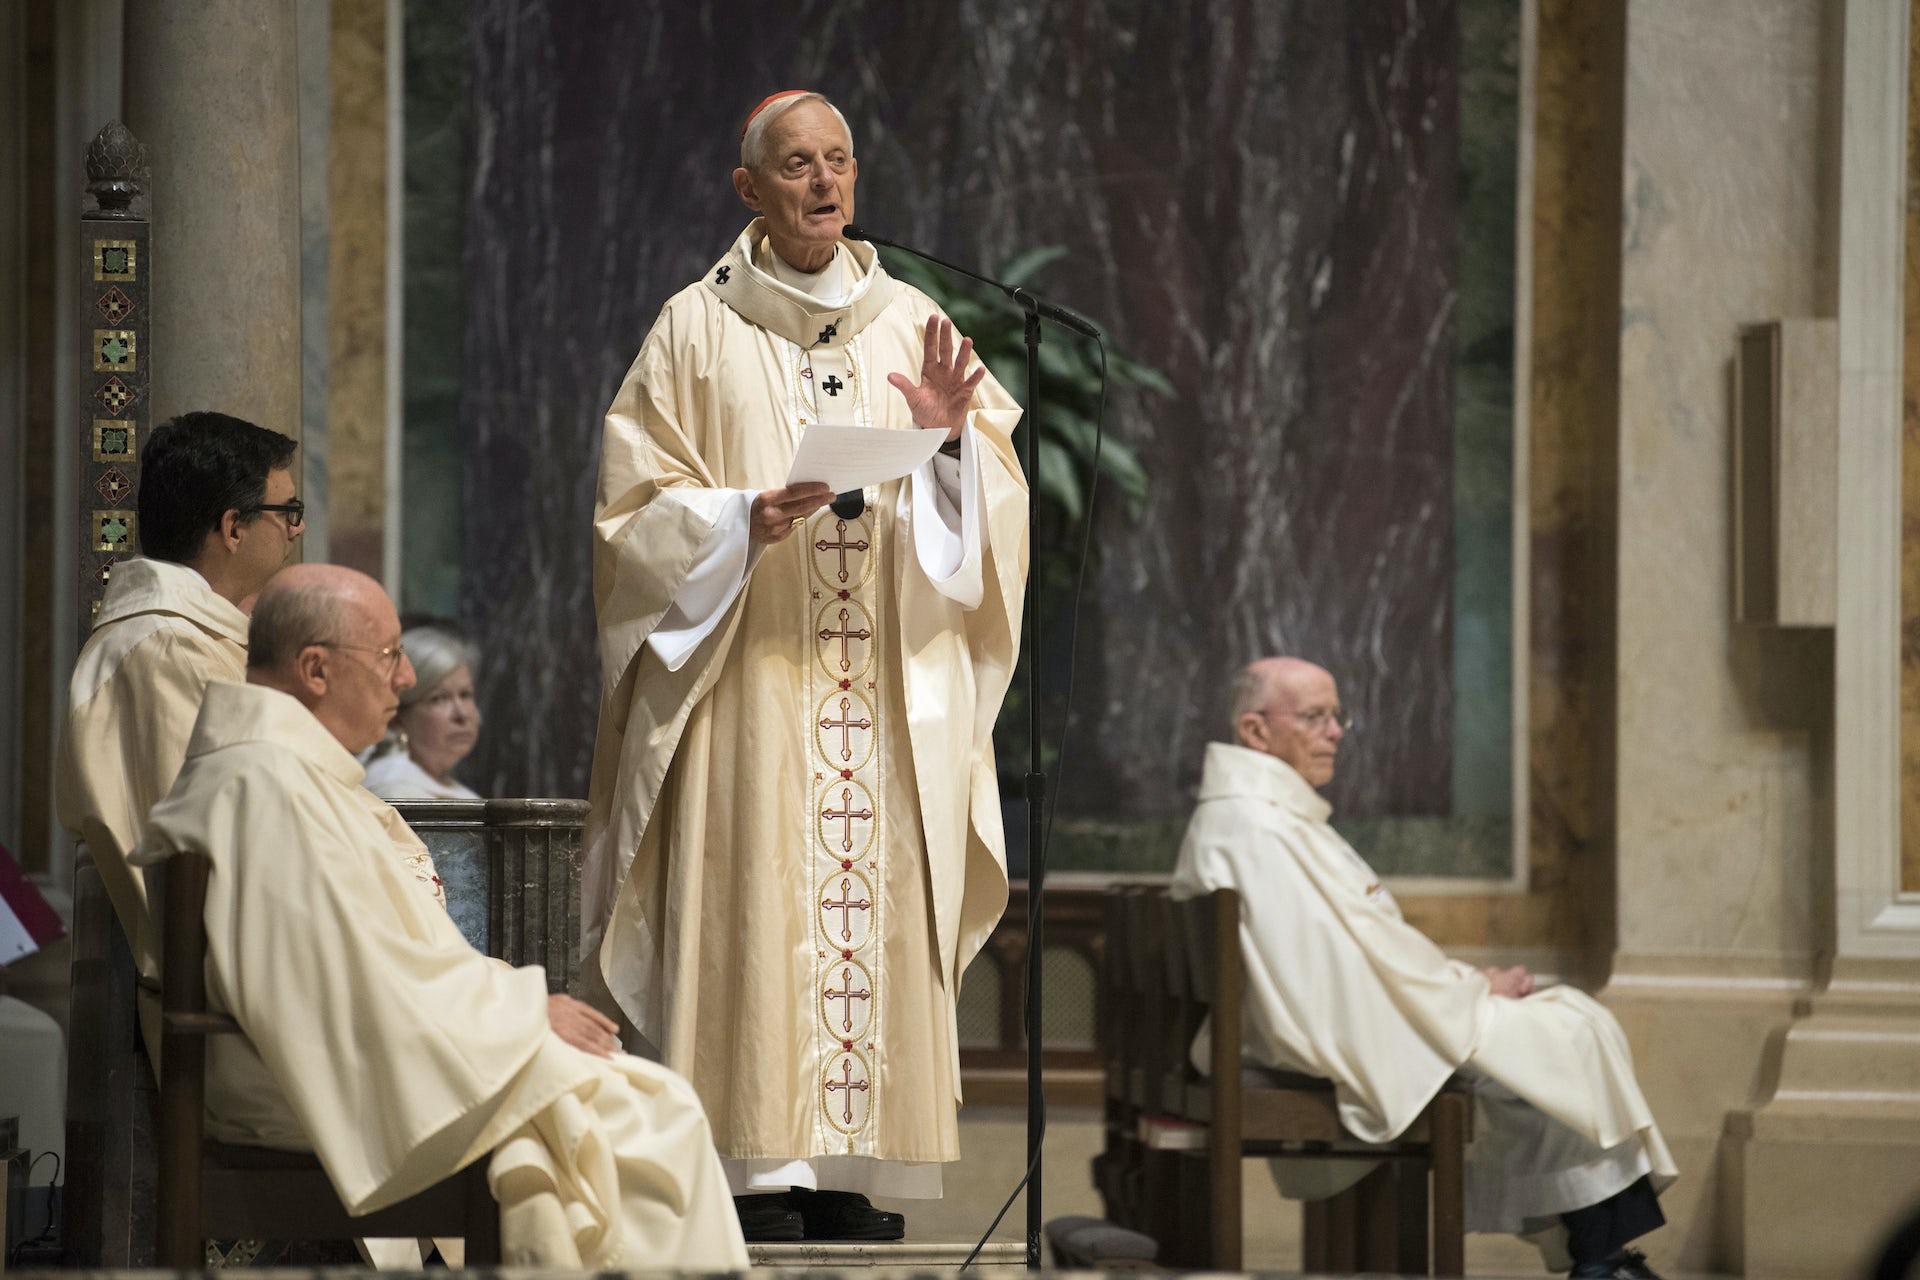 Canon law catholic priests masturbation galleries 889